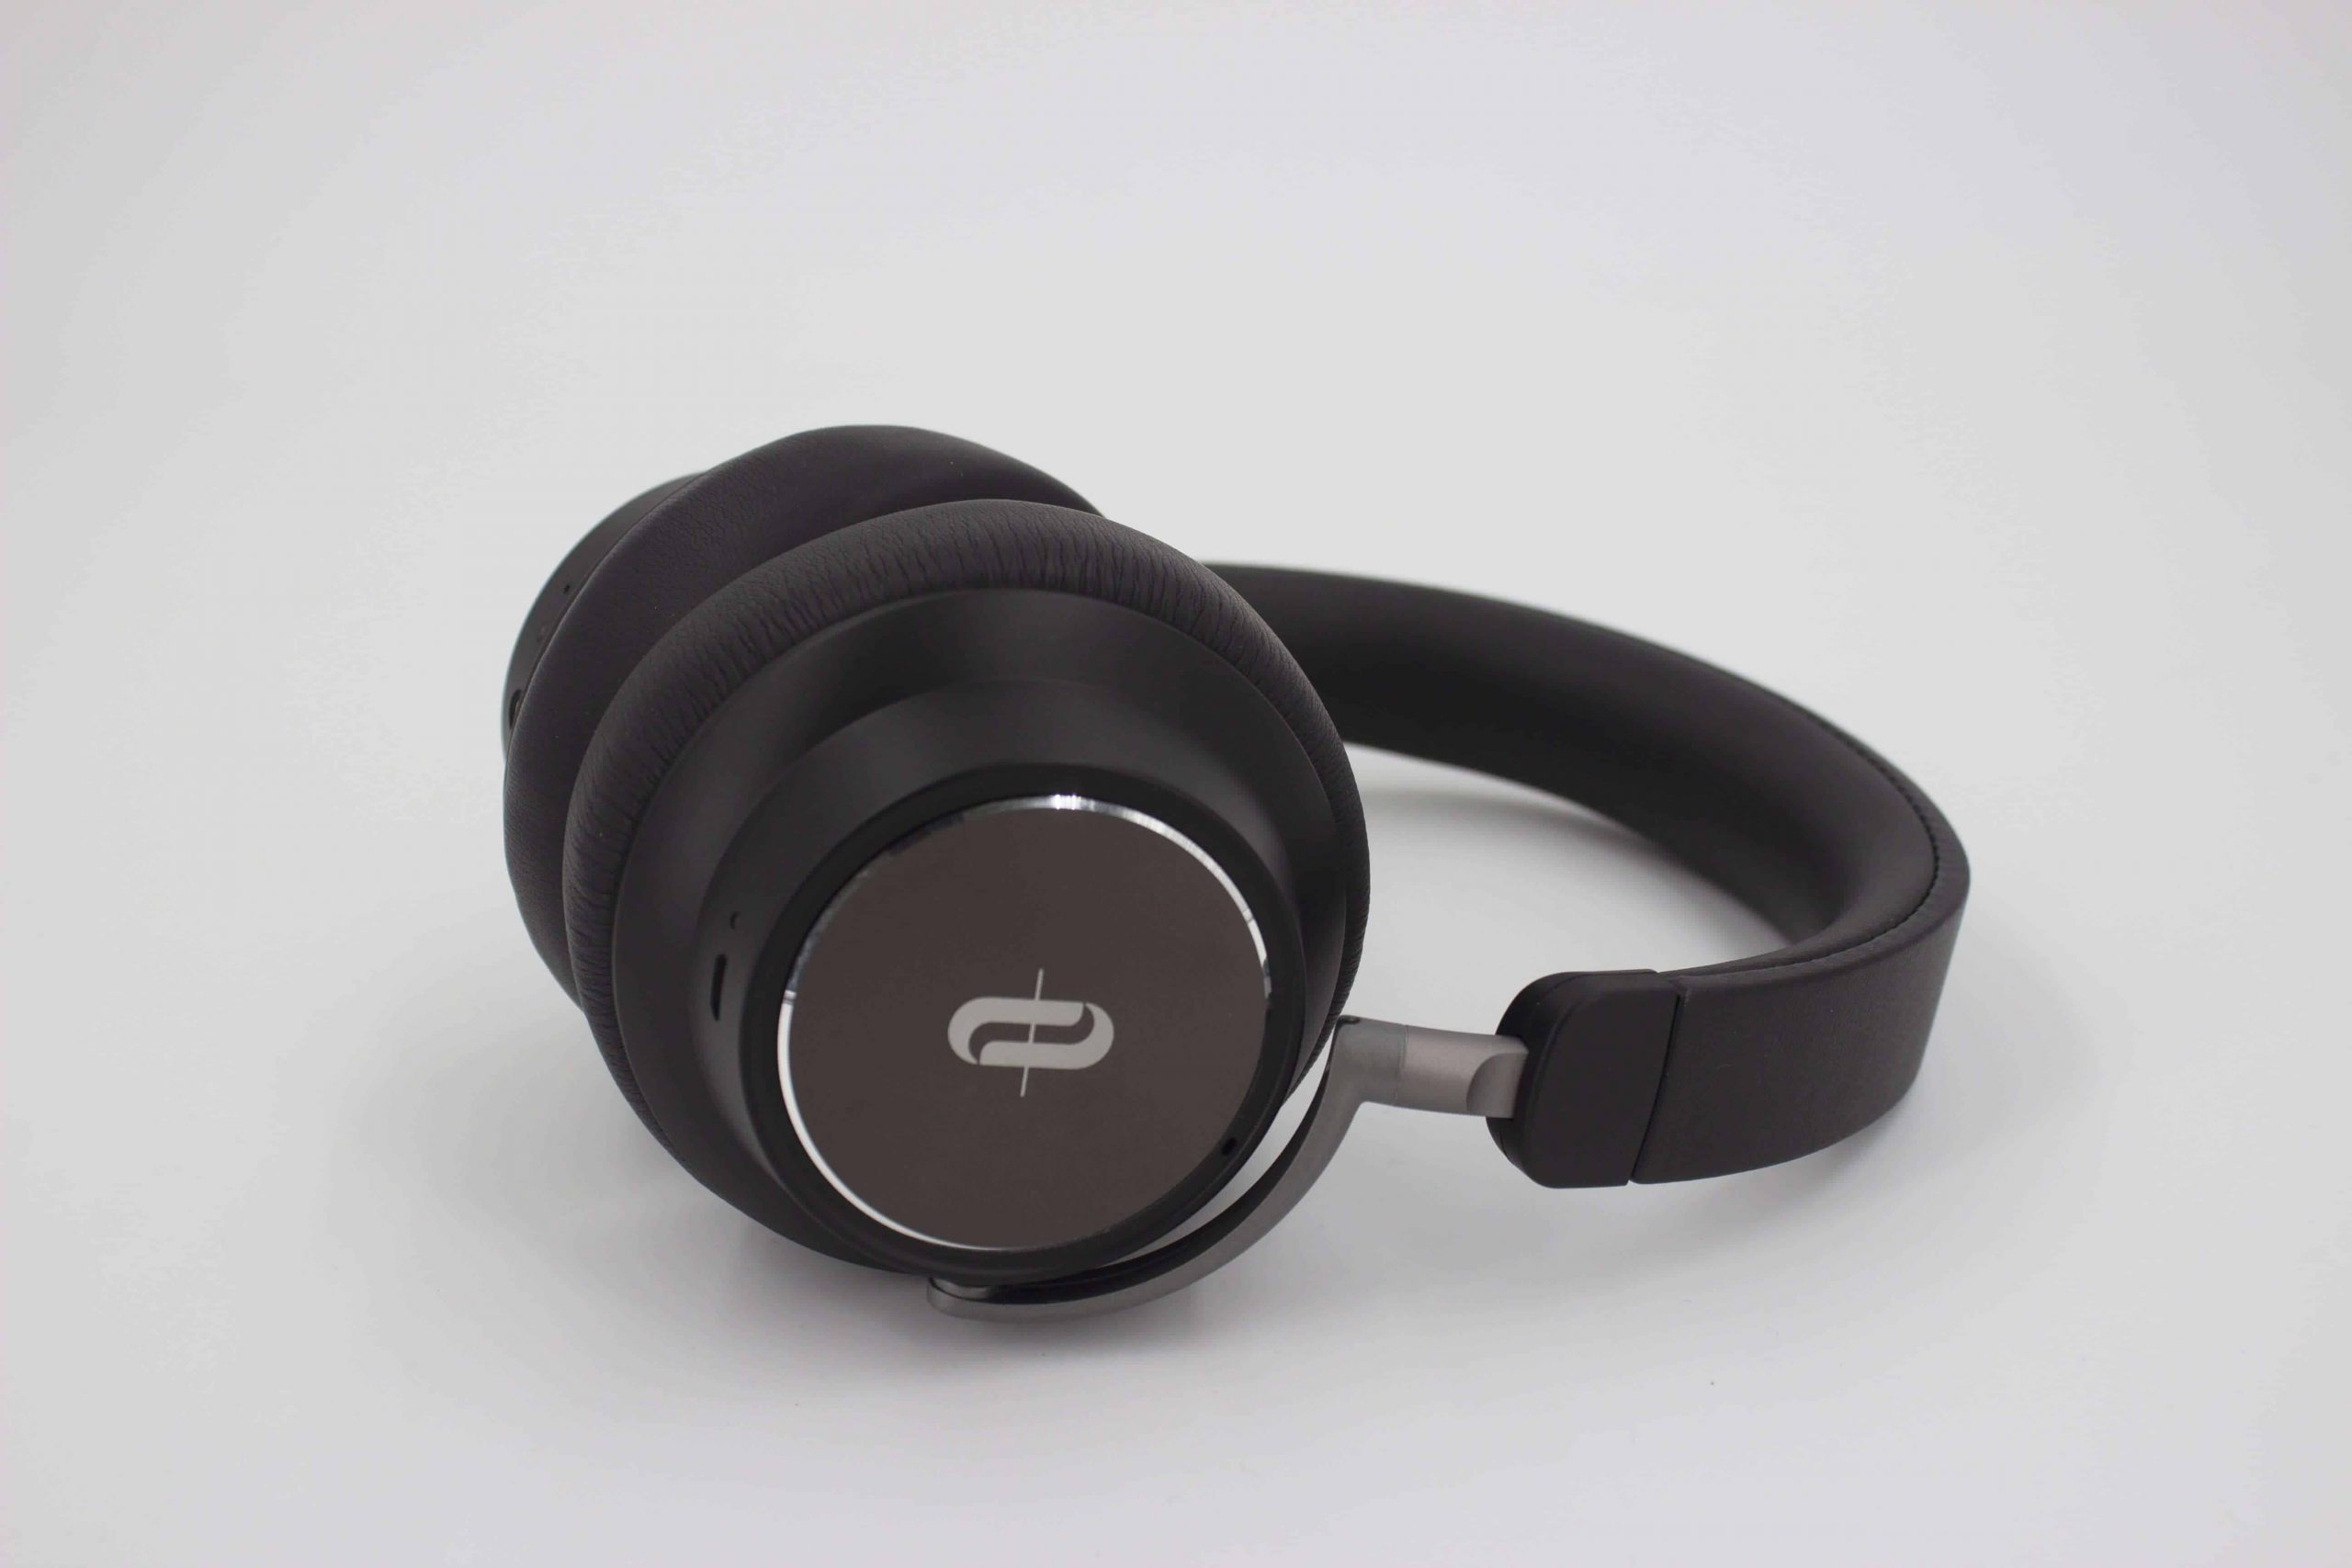 高CP值又媲美大廠的降噪效果?TaoTronics SoundSurge 46 (TT-BH046)旗艦藍牙降噪耳機